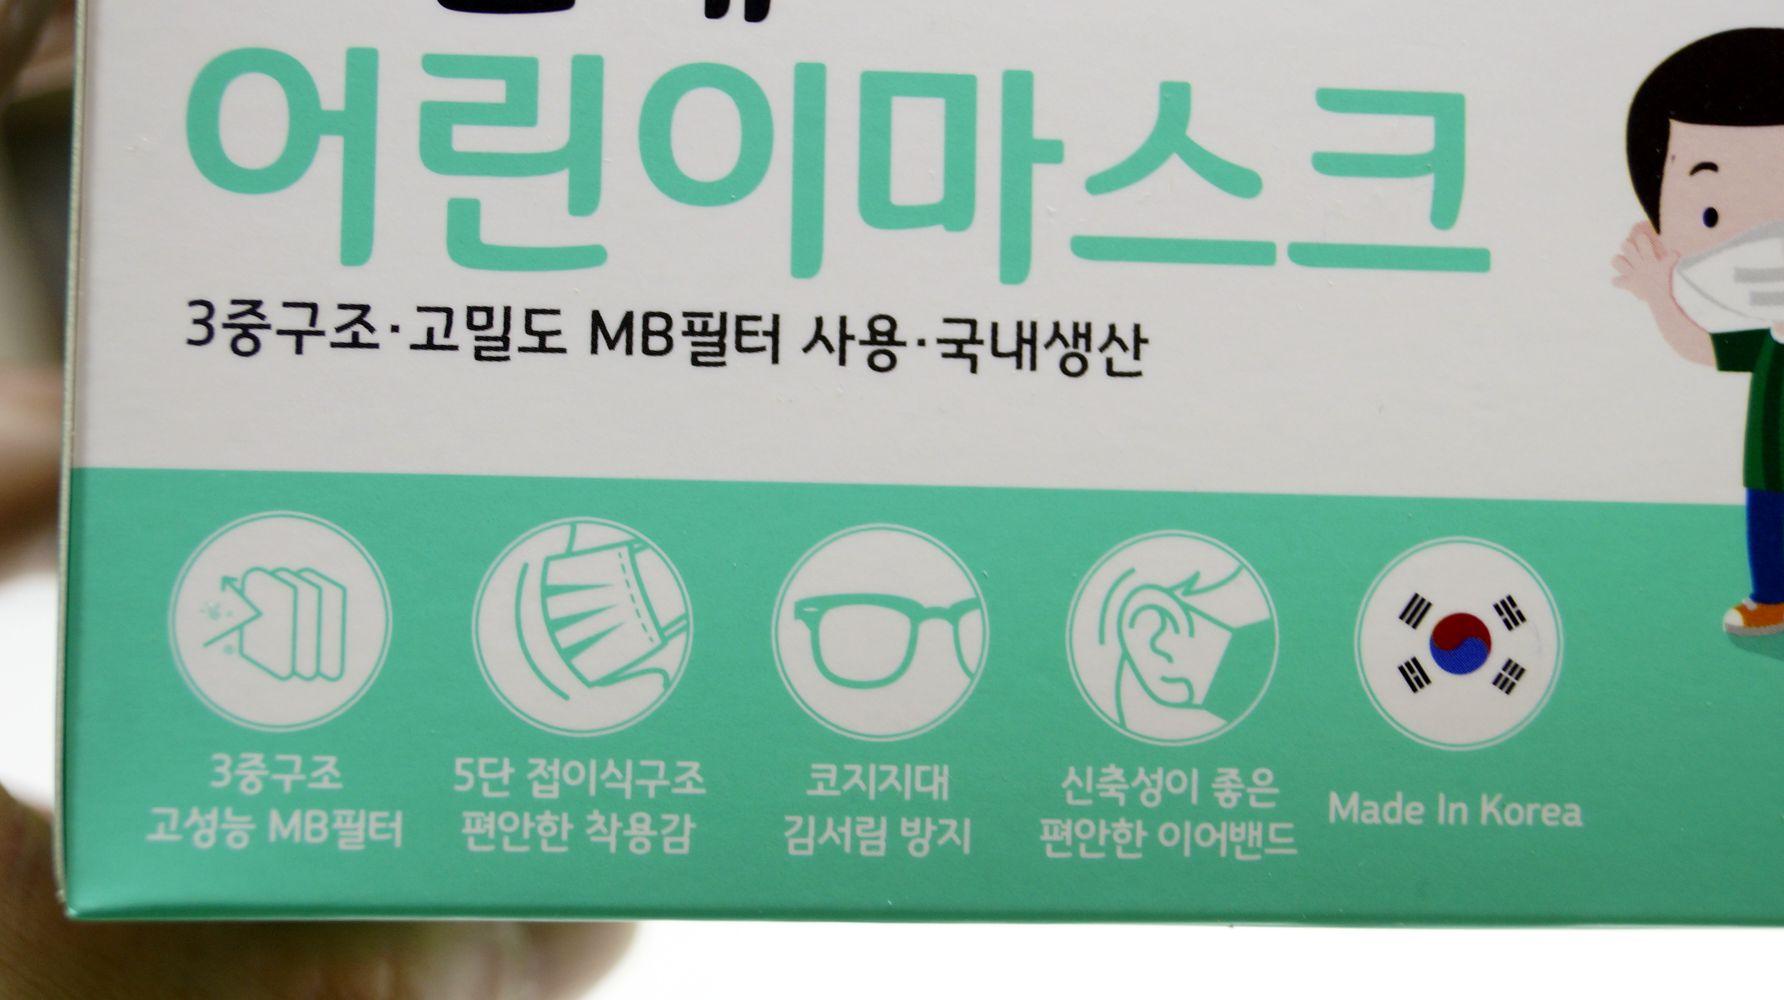 스킨애 어린이마스크 특징